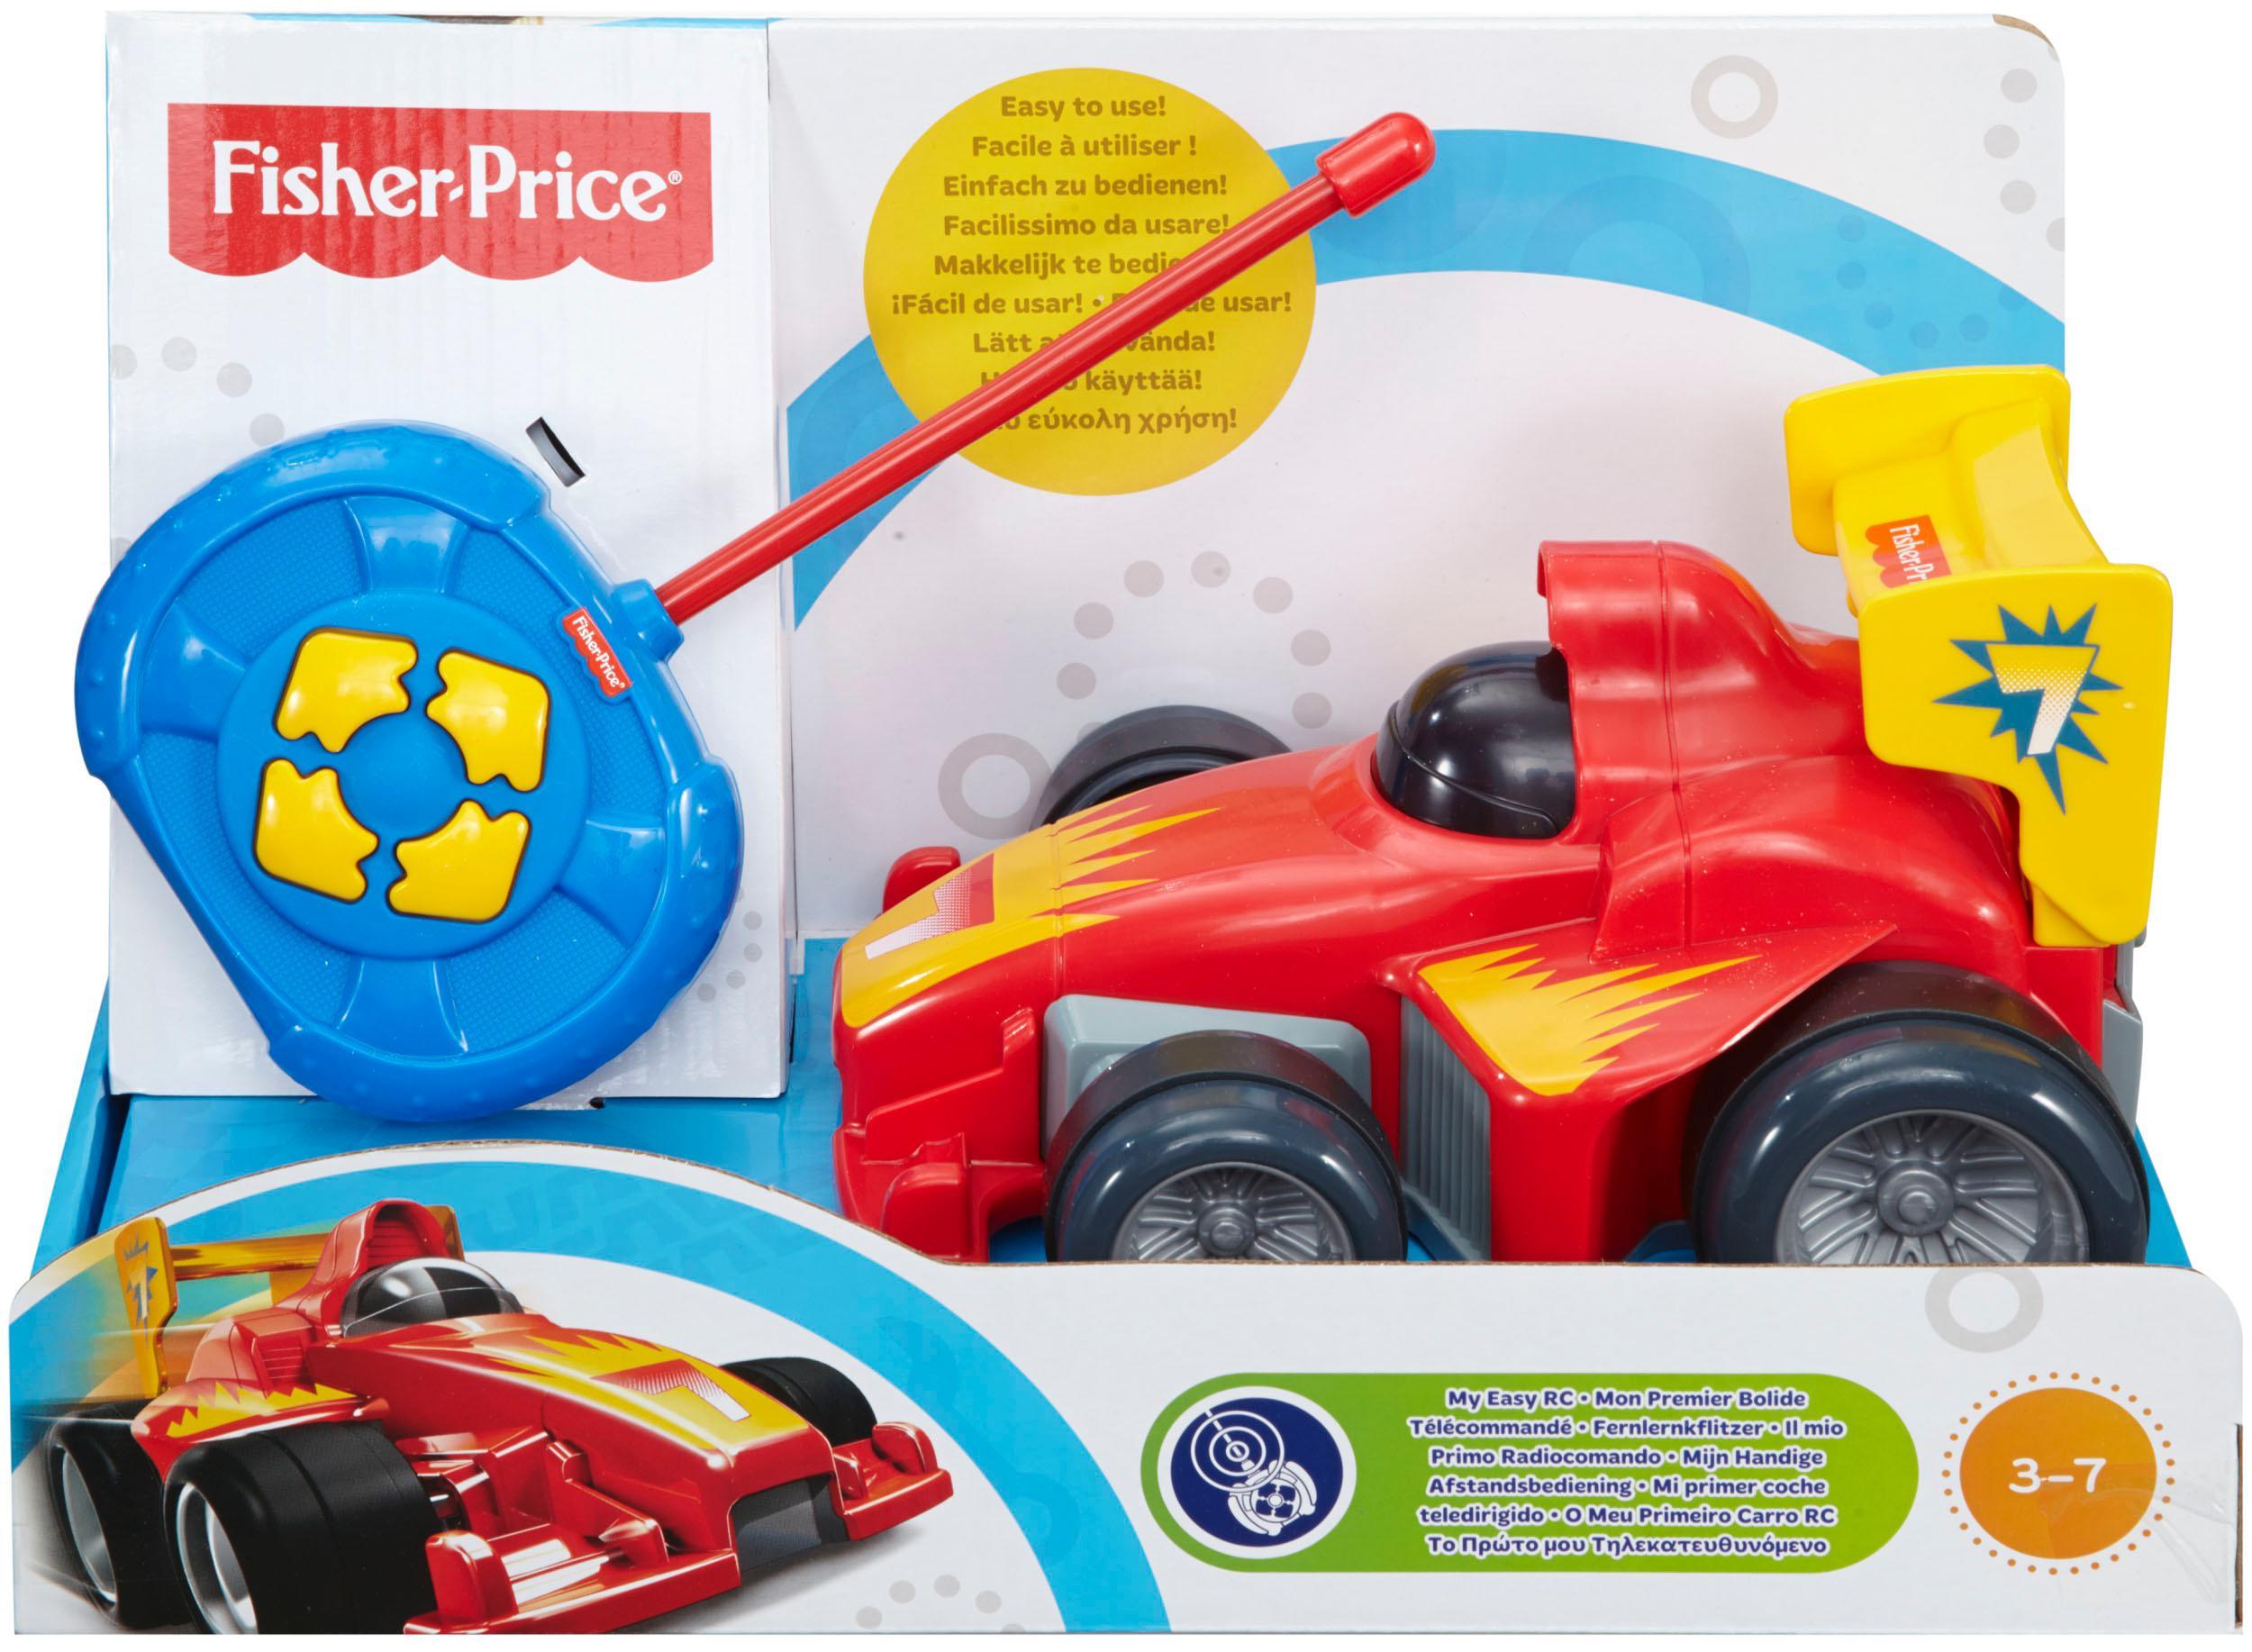 Elektrisches Spielzeug Mattel BHX87 Fisher Price Fernlenkflitzer